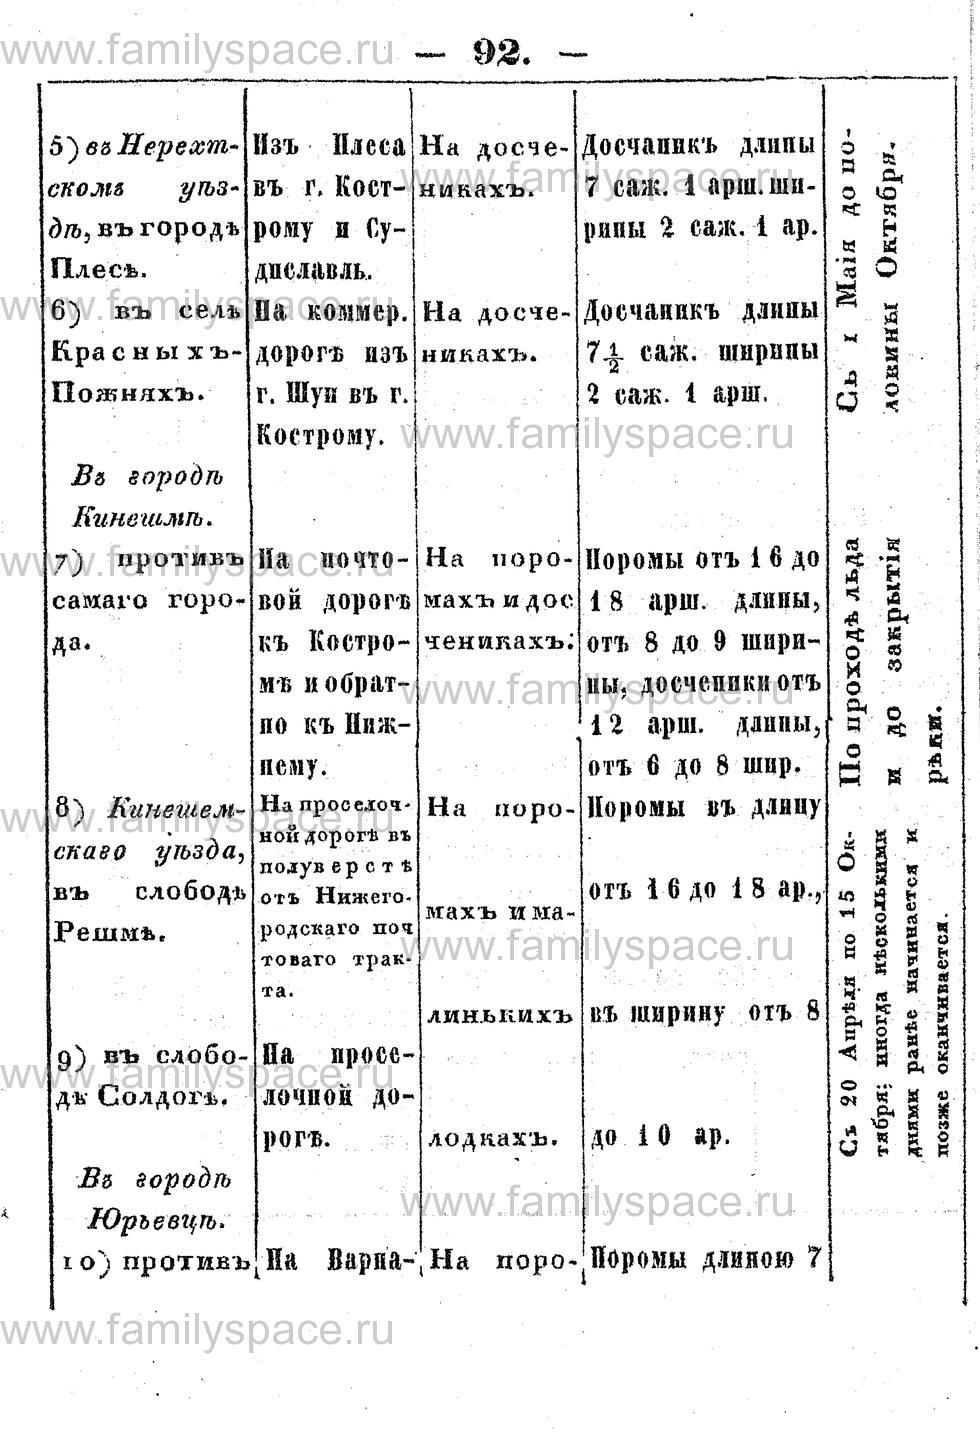 Поиск по фамилии - Памятная книжка Костромской губернии на 1853 год, страница 92